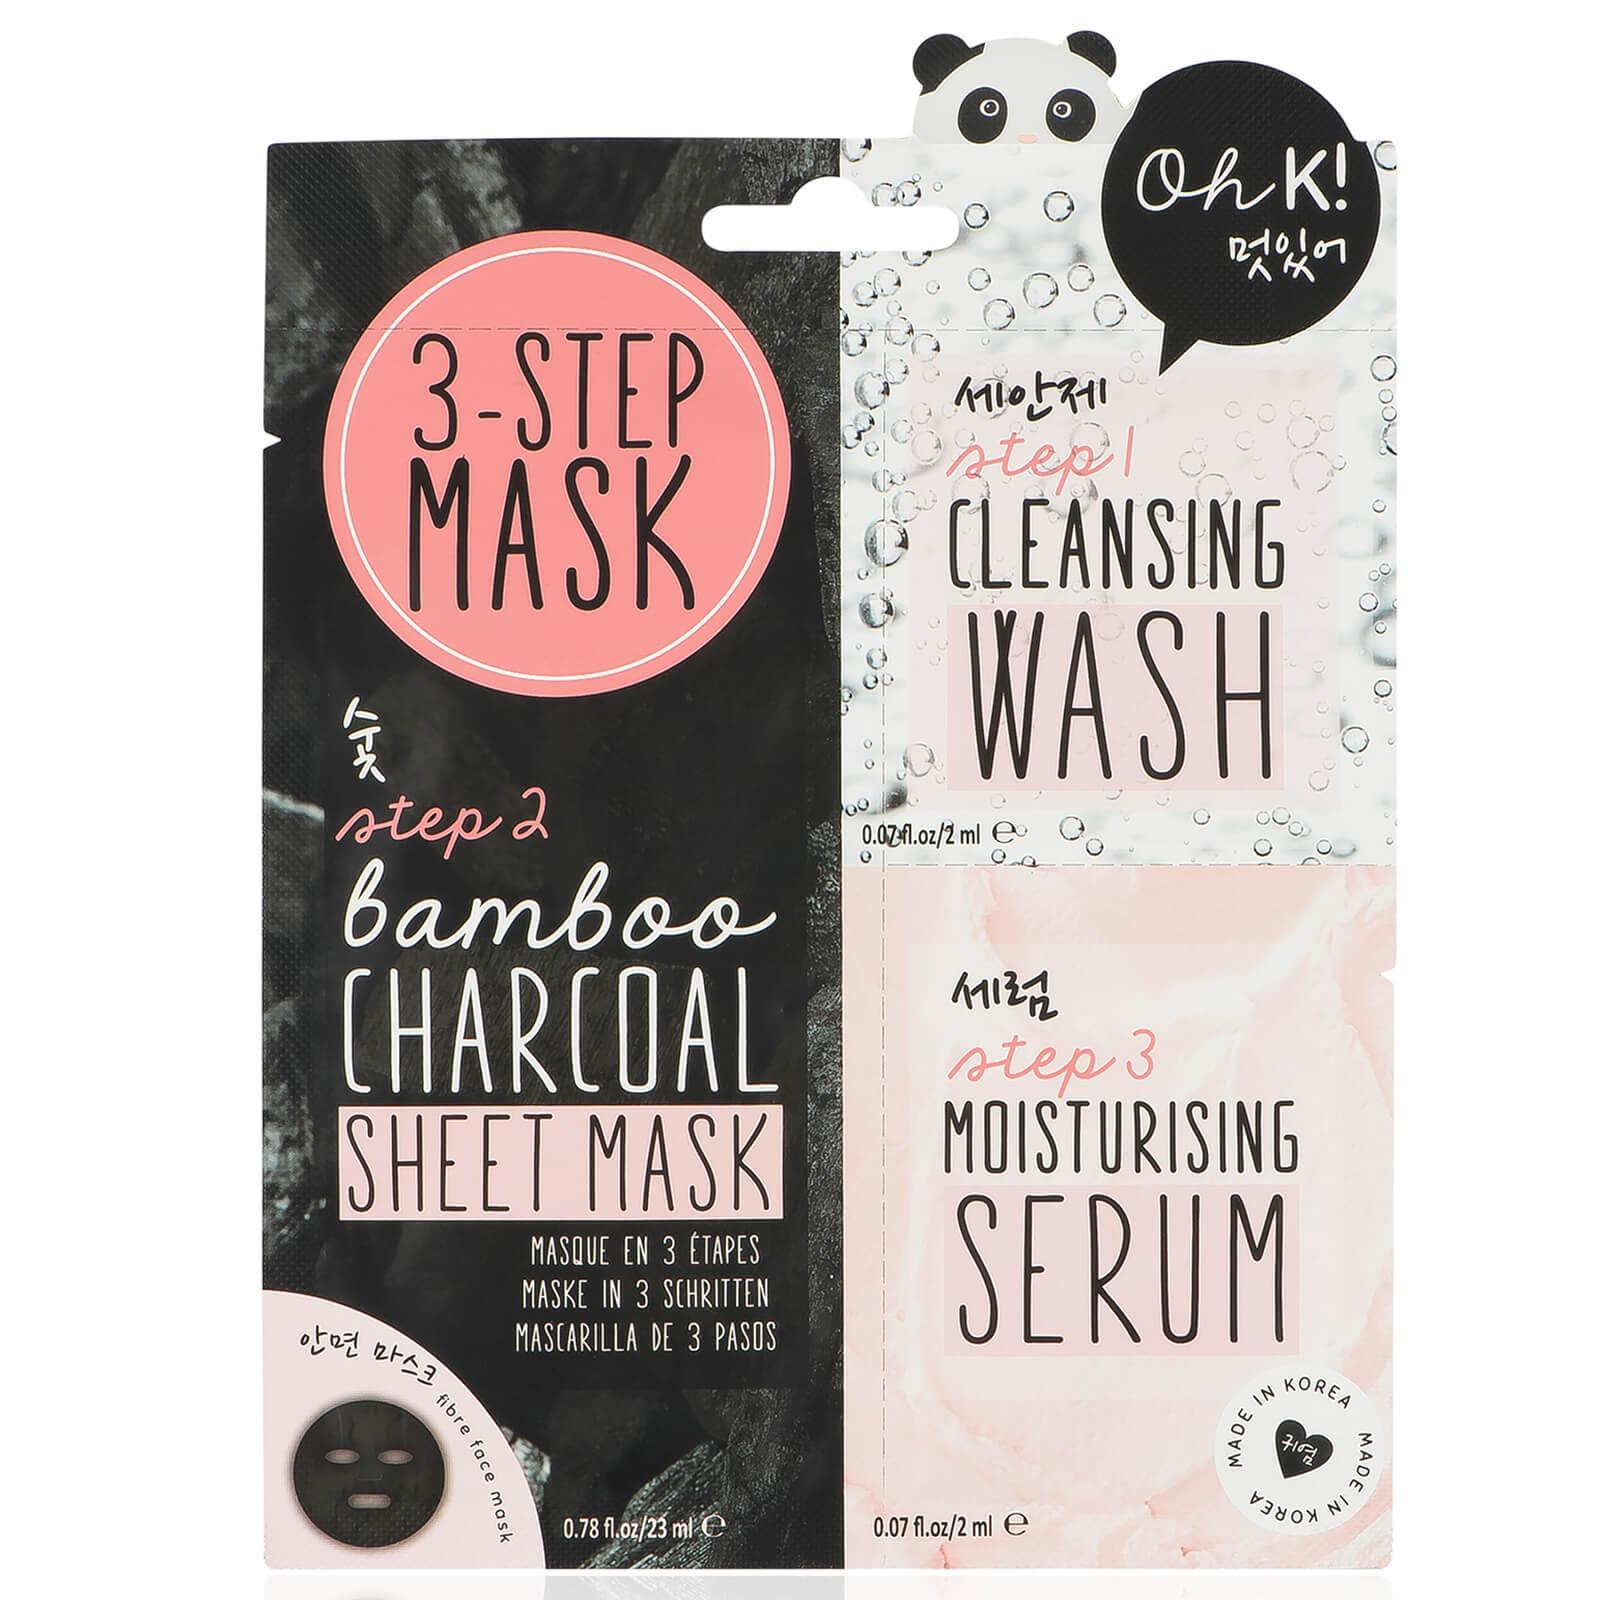 oh k! 3 step mask 23ml